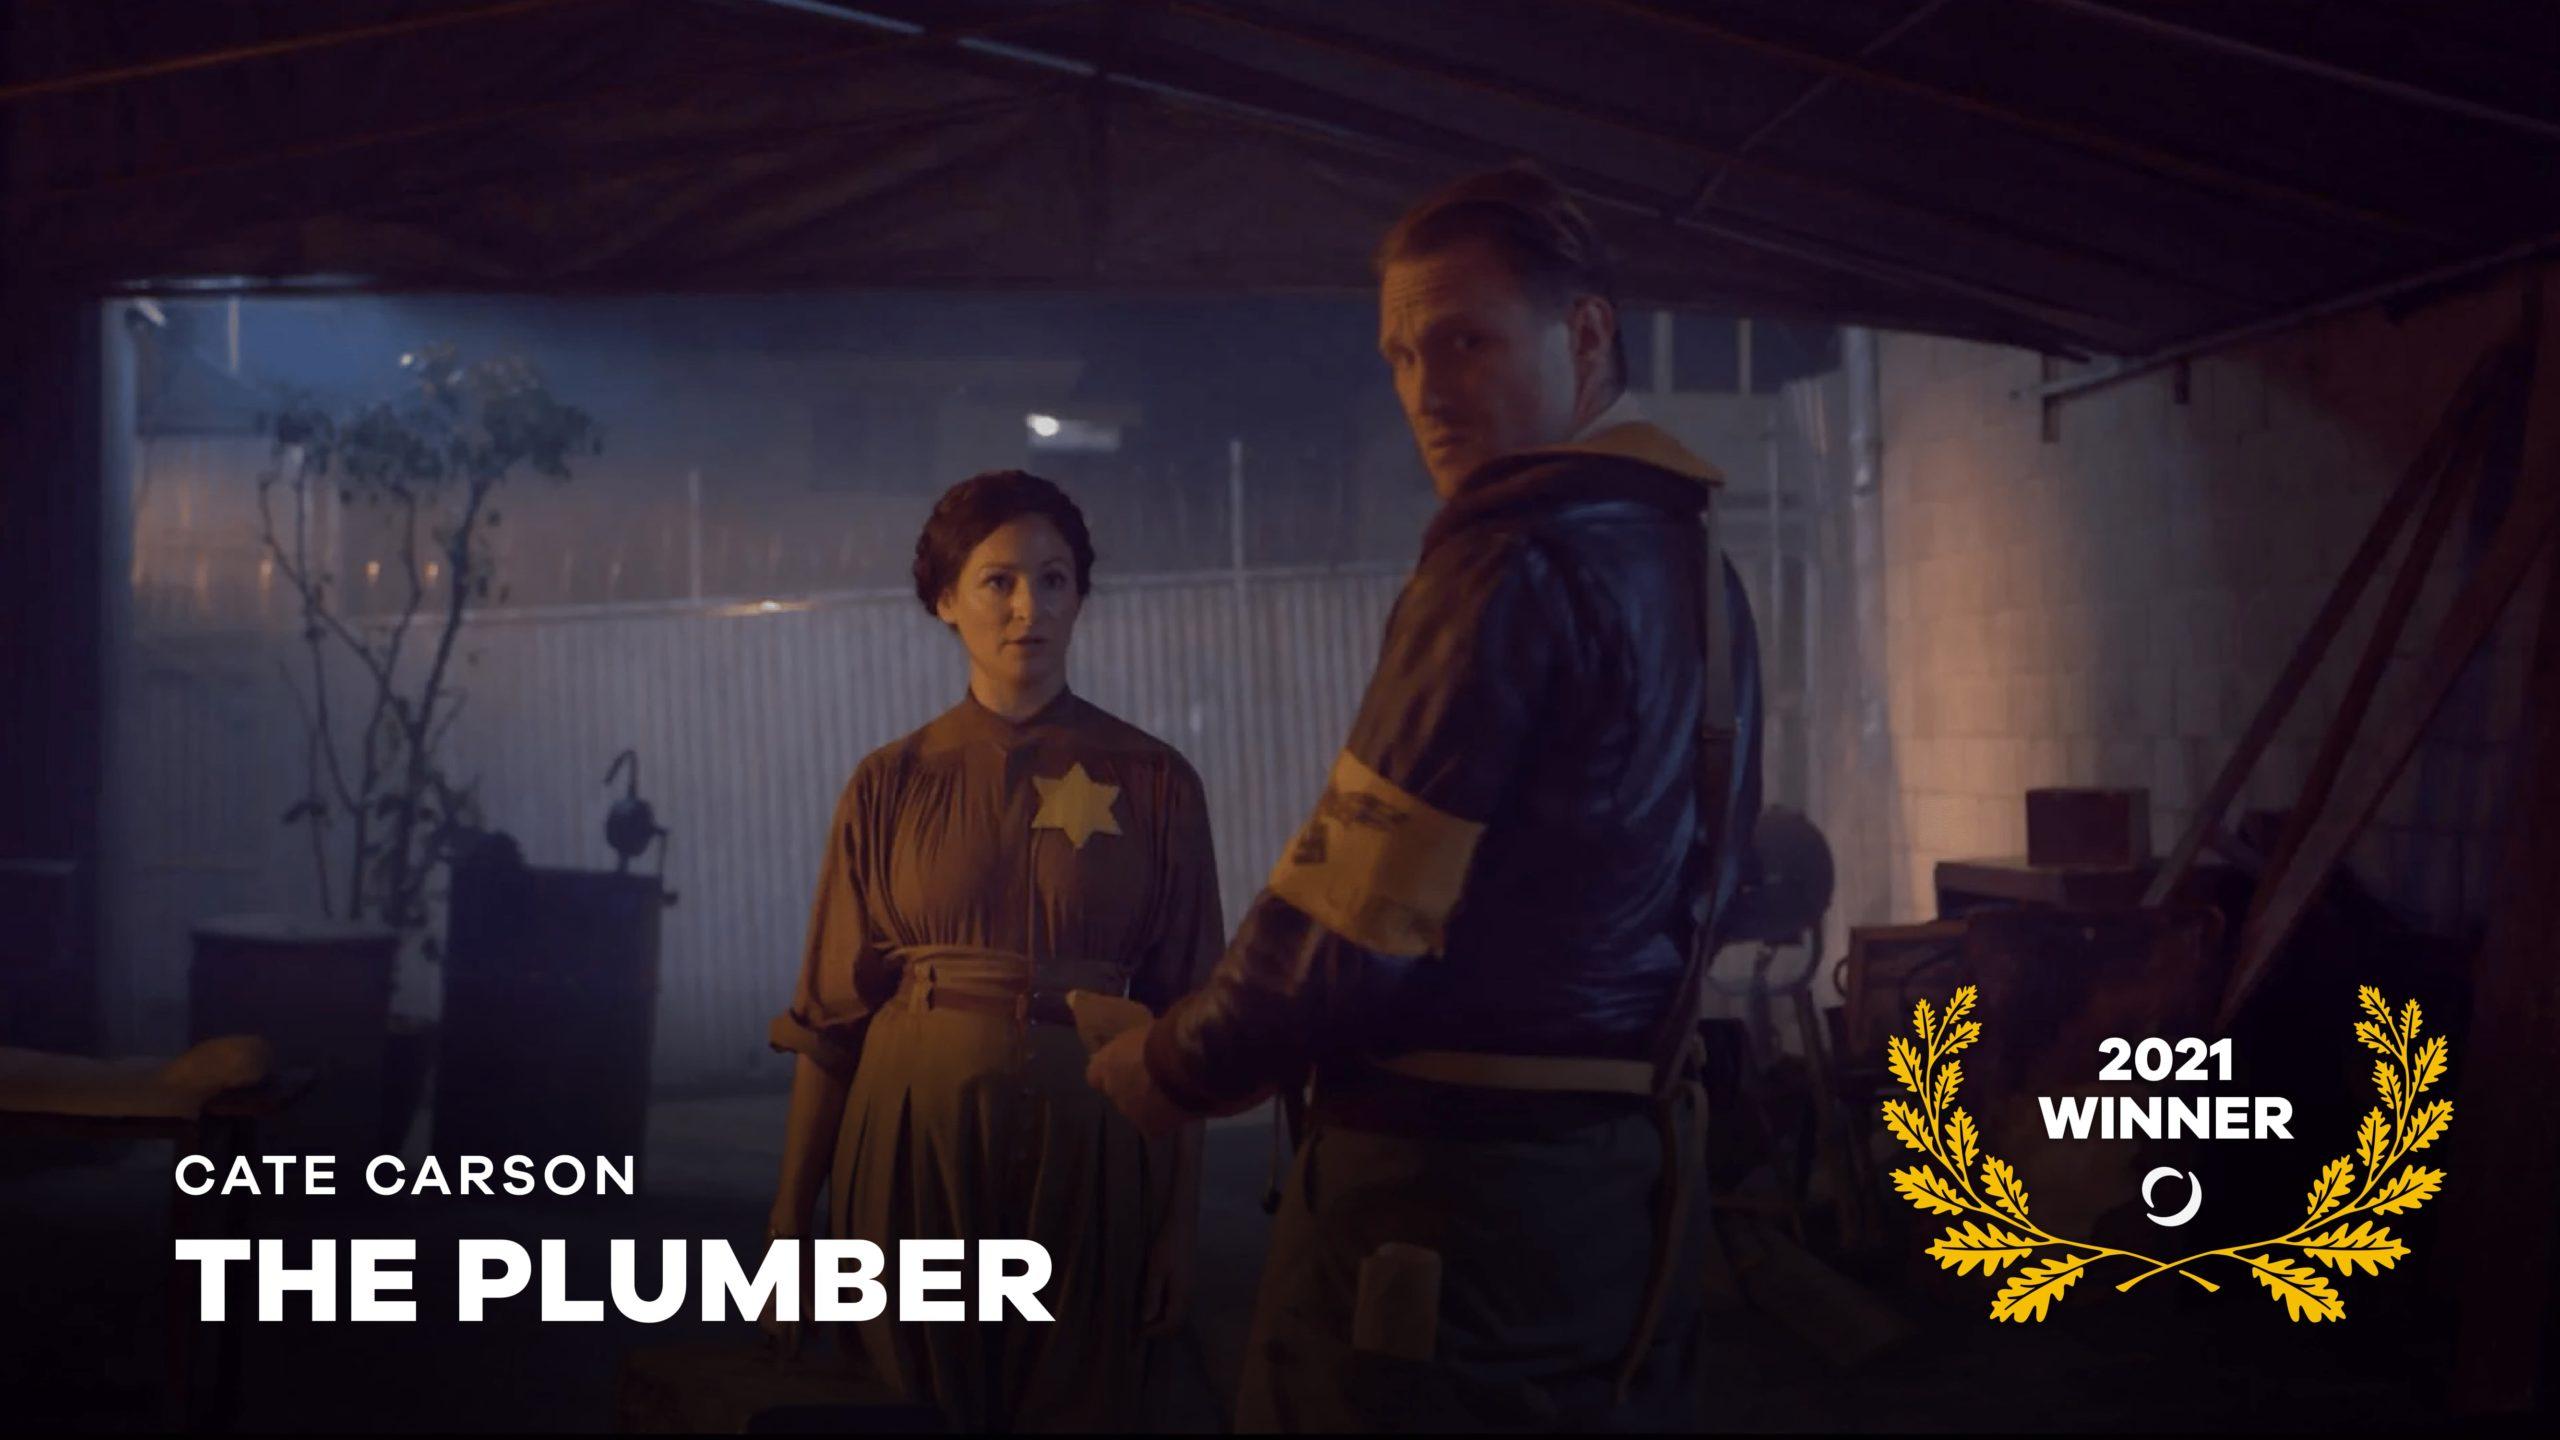 OFFA 2021 Best International Short Film Winner